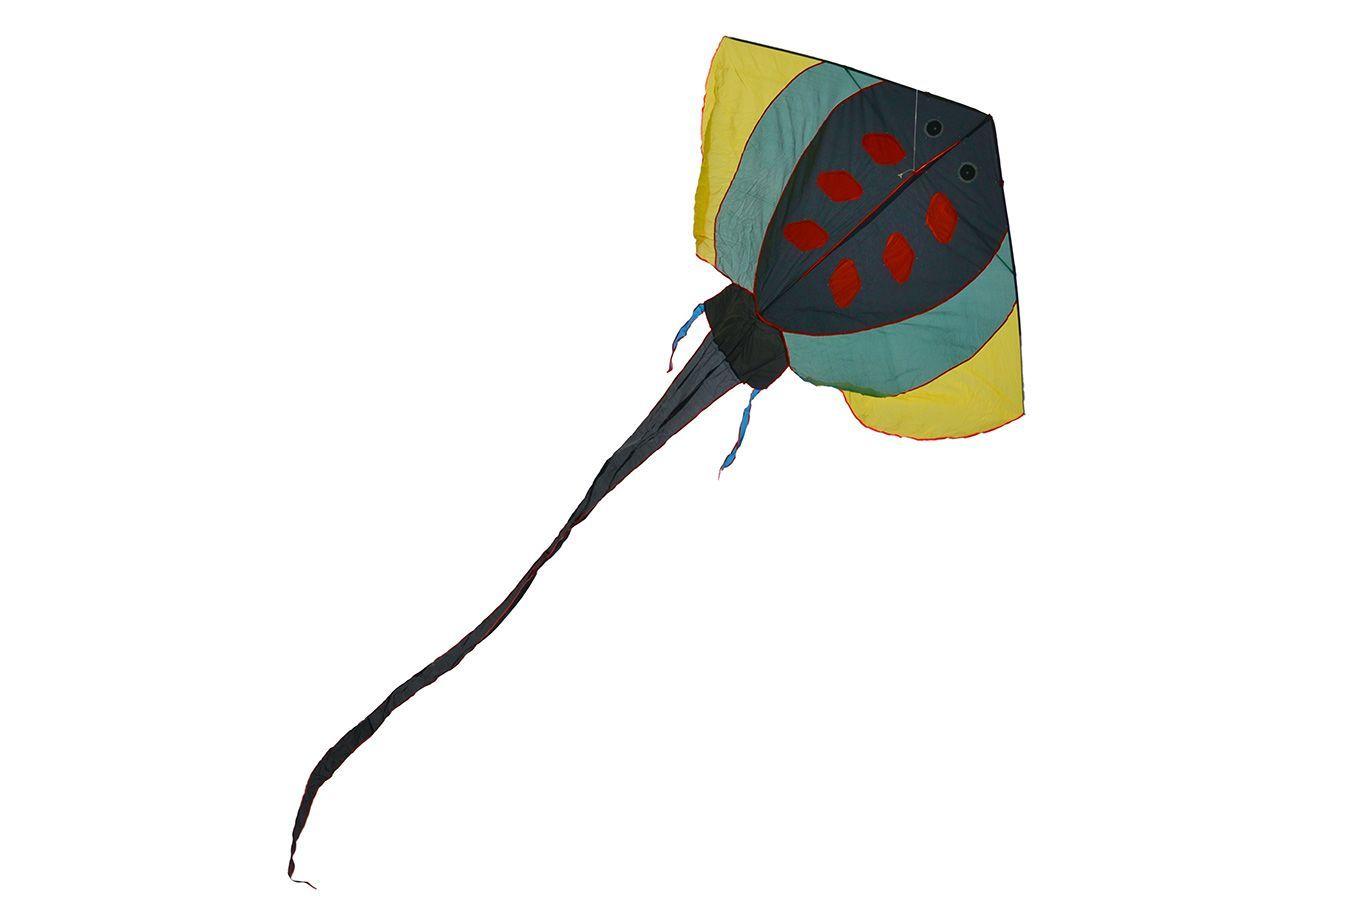 Боевой Мечехвост, воздушный змей 5 метров [ZBMK003]